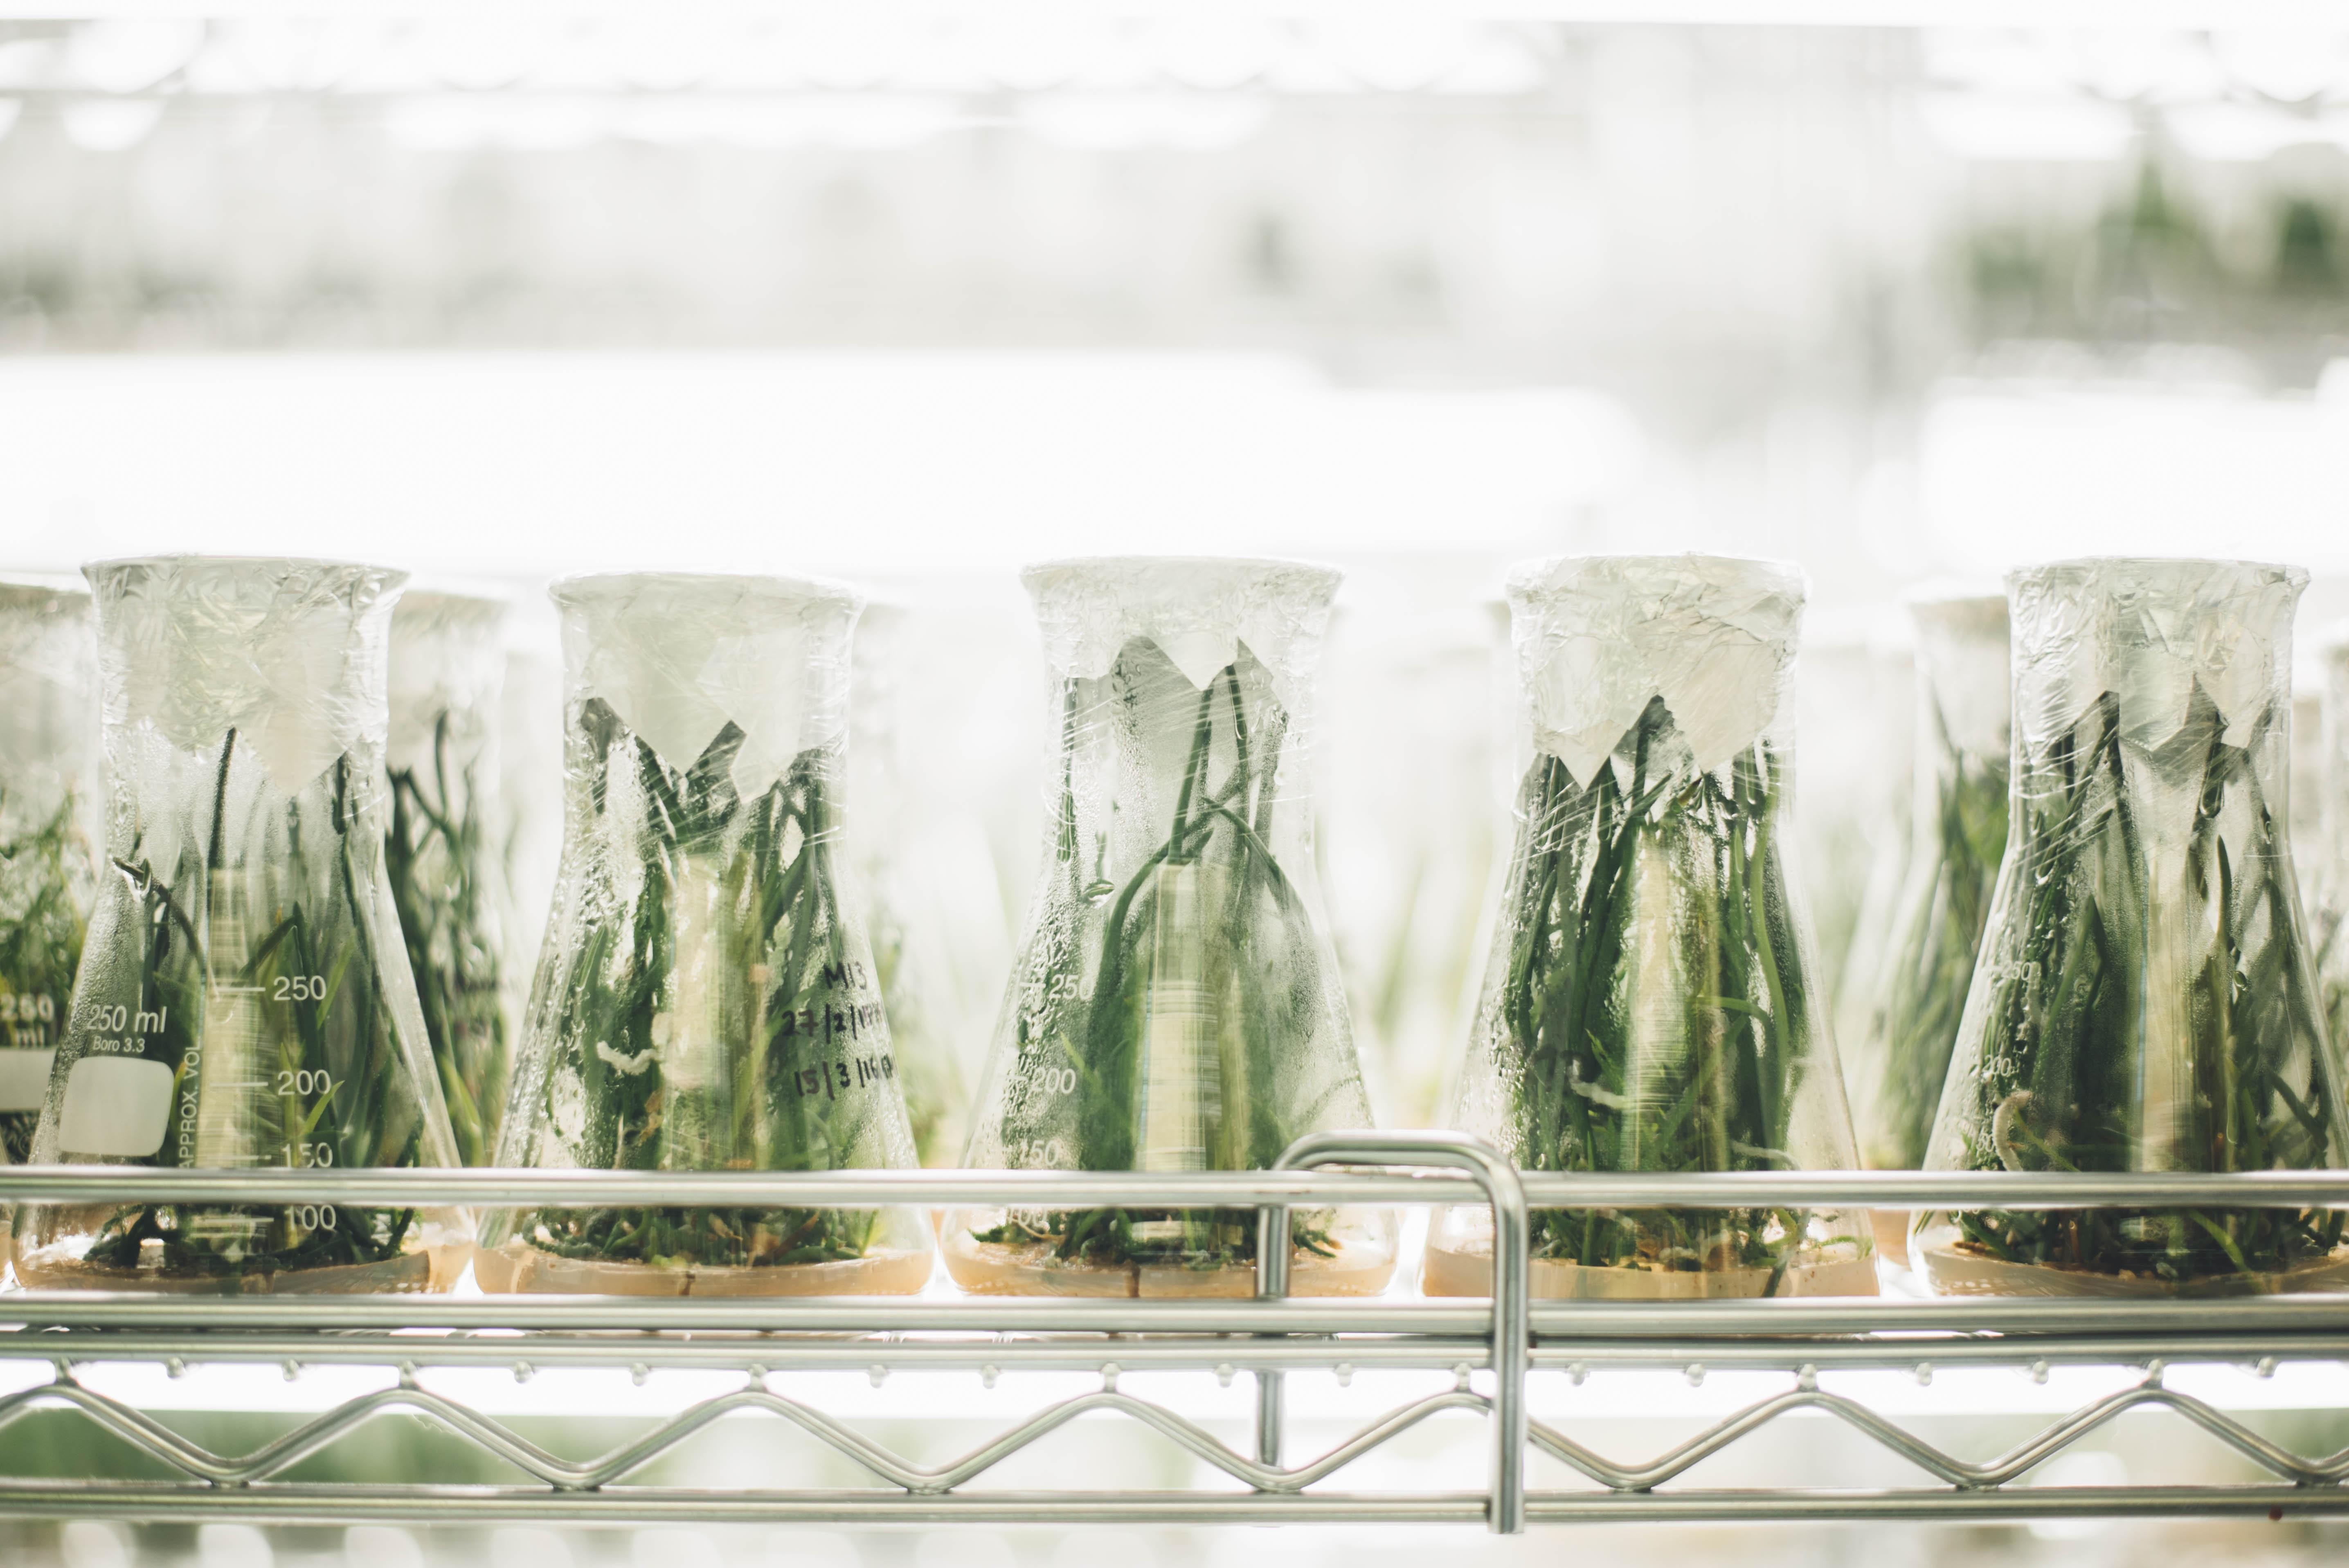 El trabajo de laboratorio, base en la innovación agroalimentaria